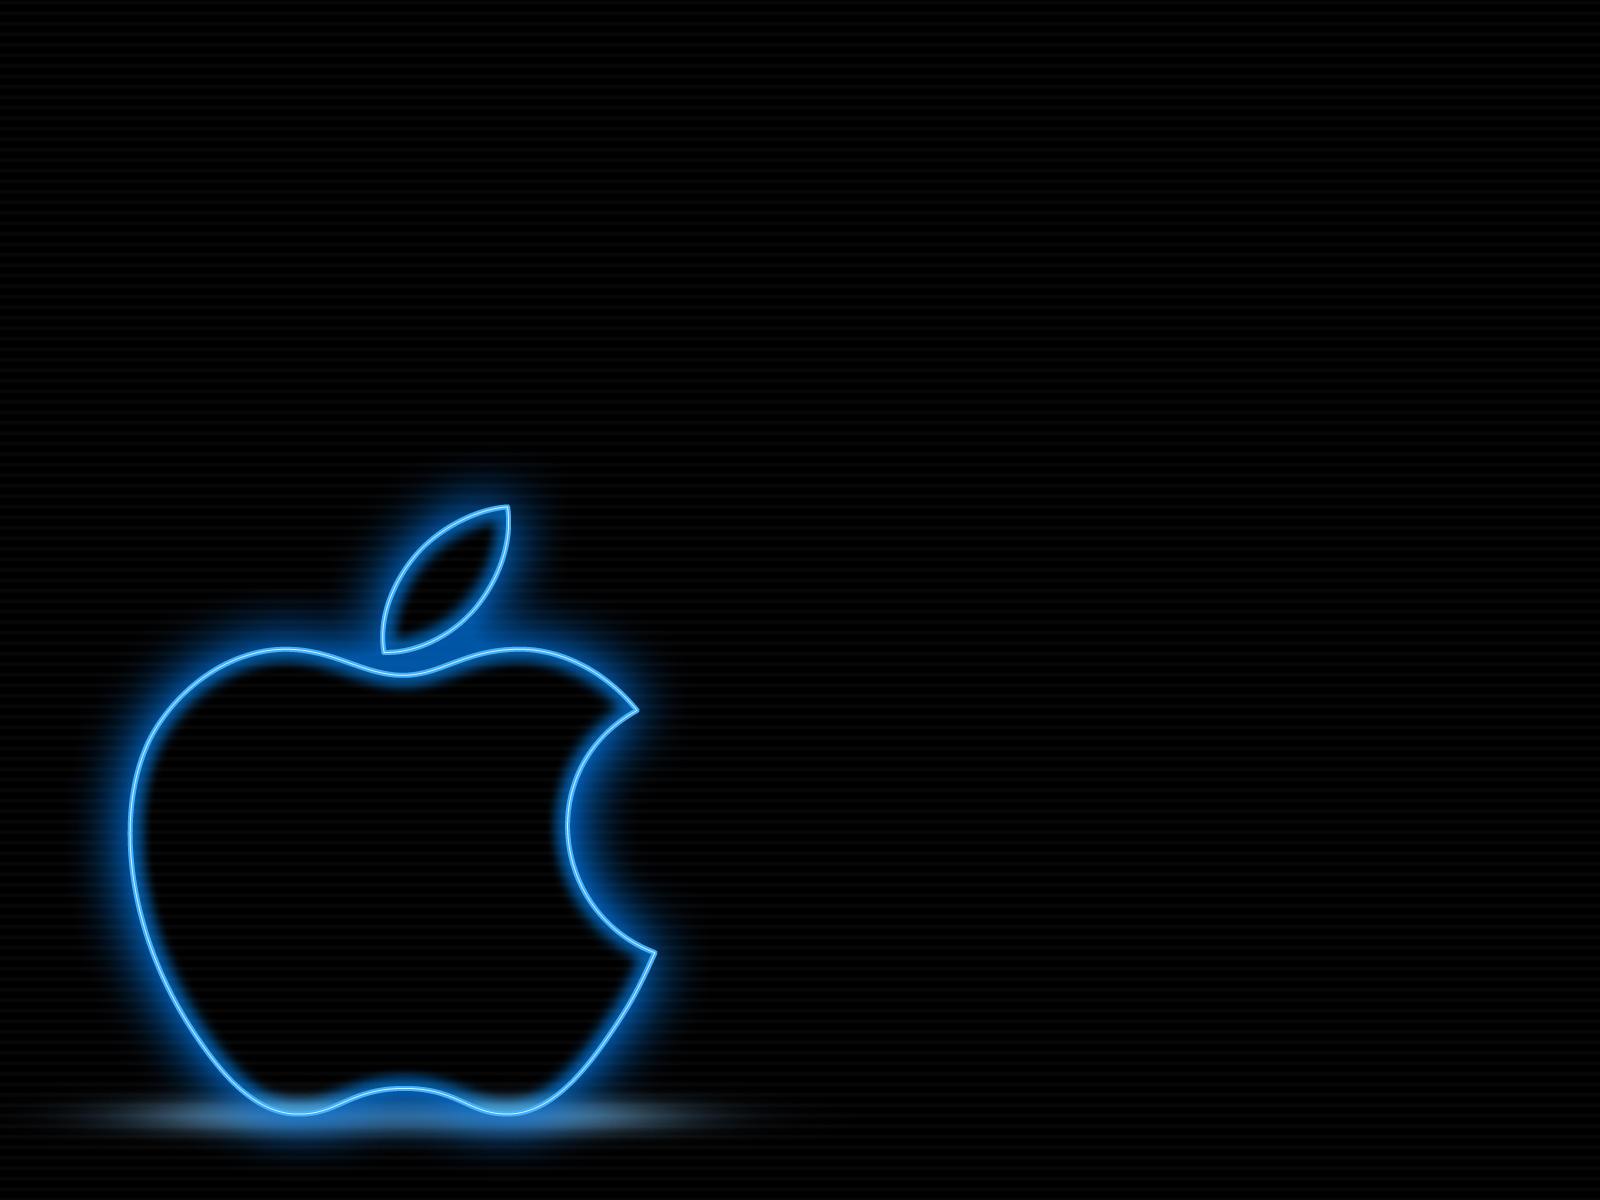 Neon Apple by JyriK